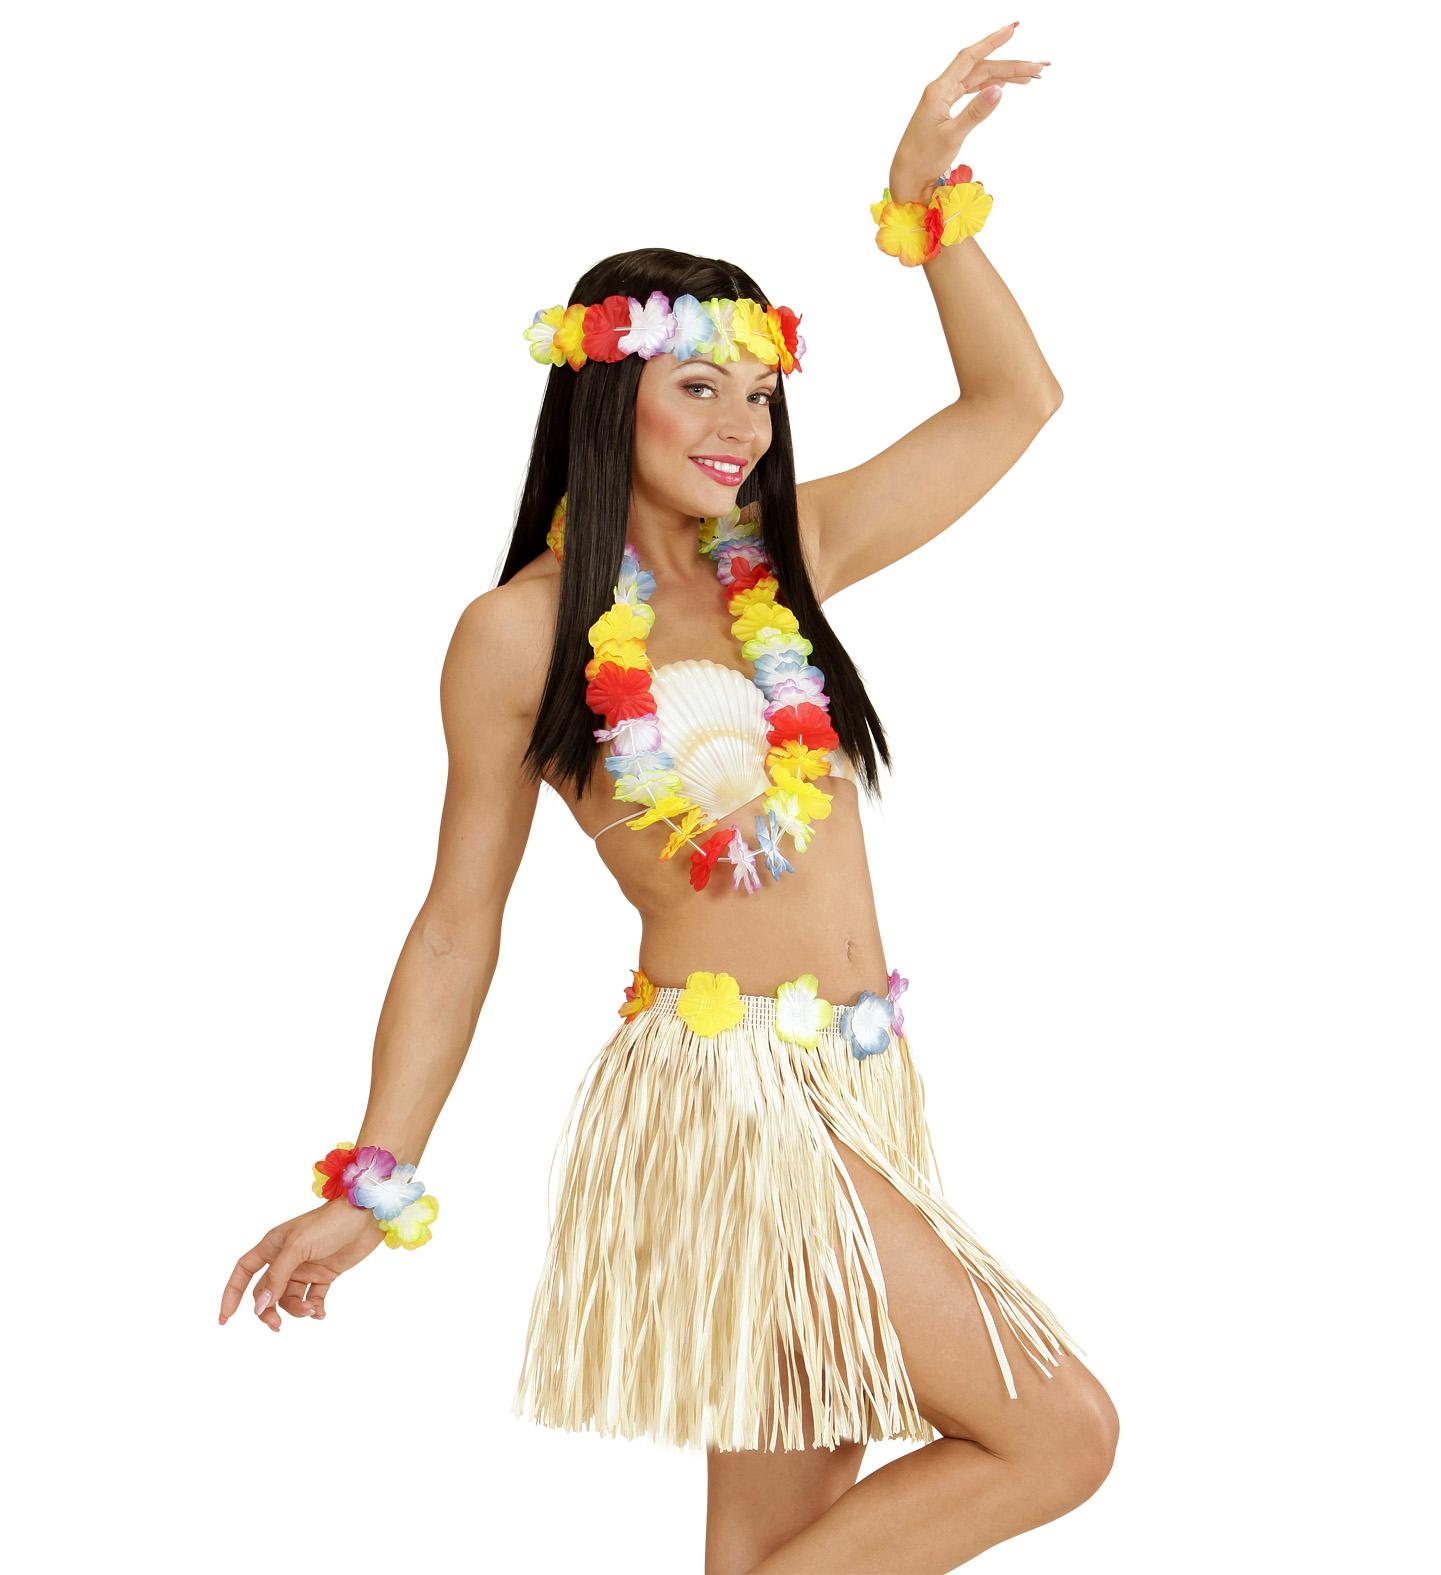 5 tlg.Hawaii Set, Rock, Kette, Armbänder, Blütenkranz Damen